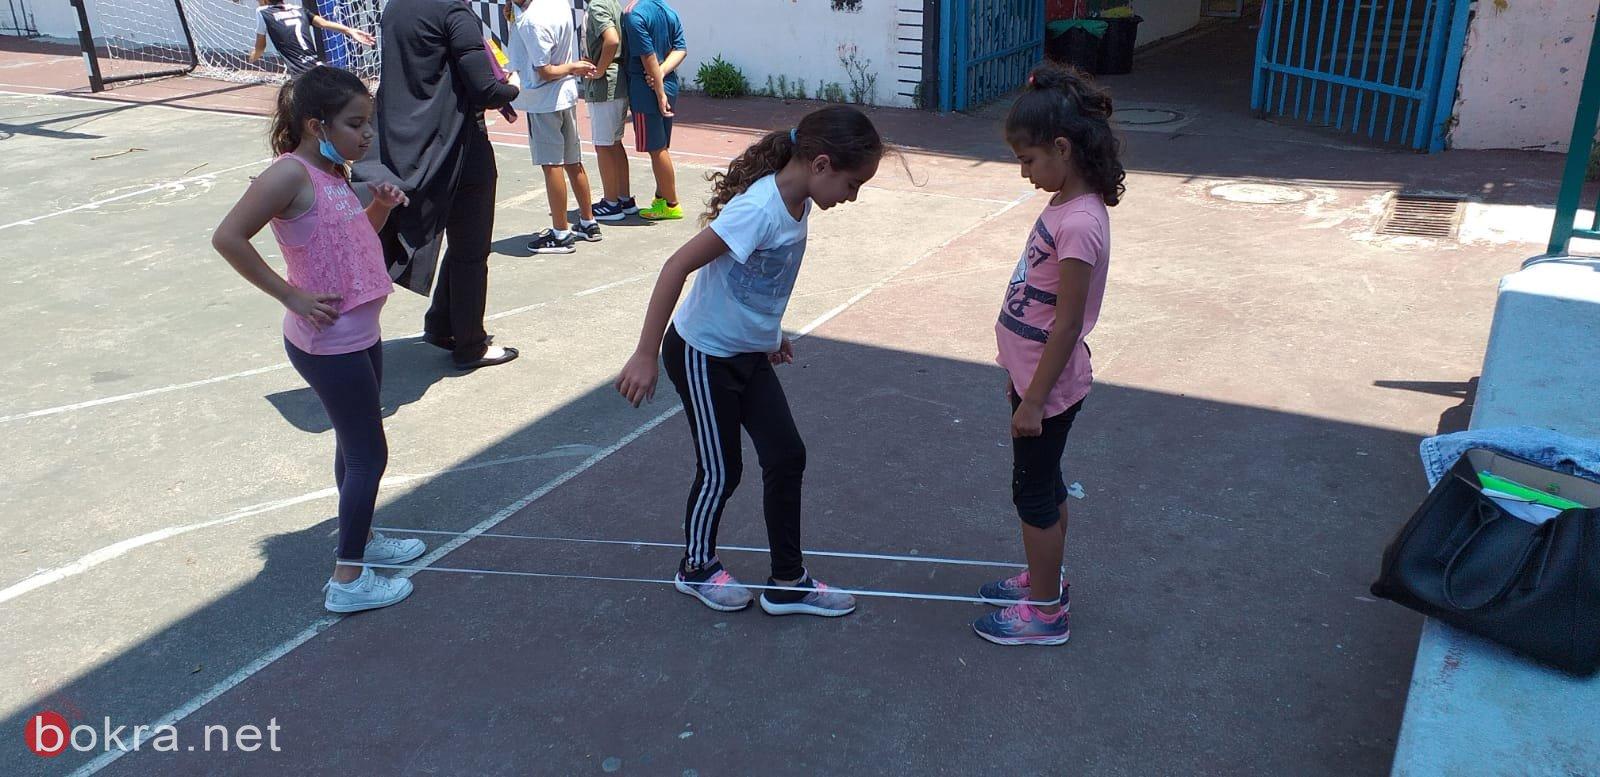 مهرجان قرانا الباقية فينا في مخيم ابتدائية كوكب ابو الهيجاء